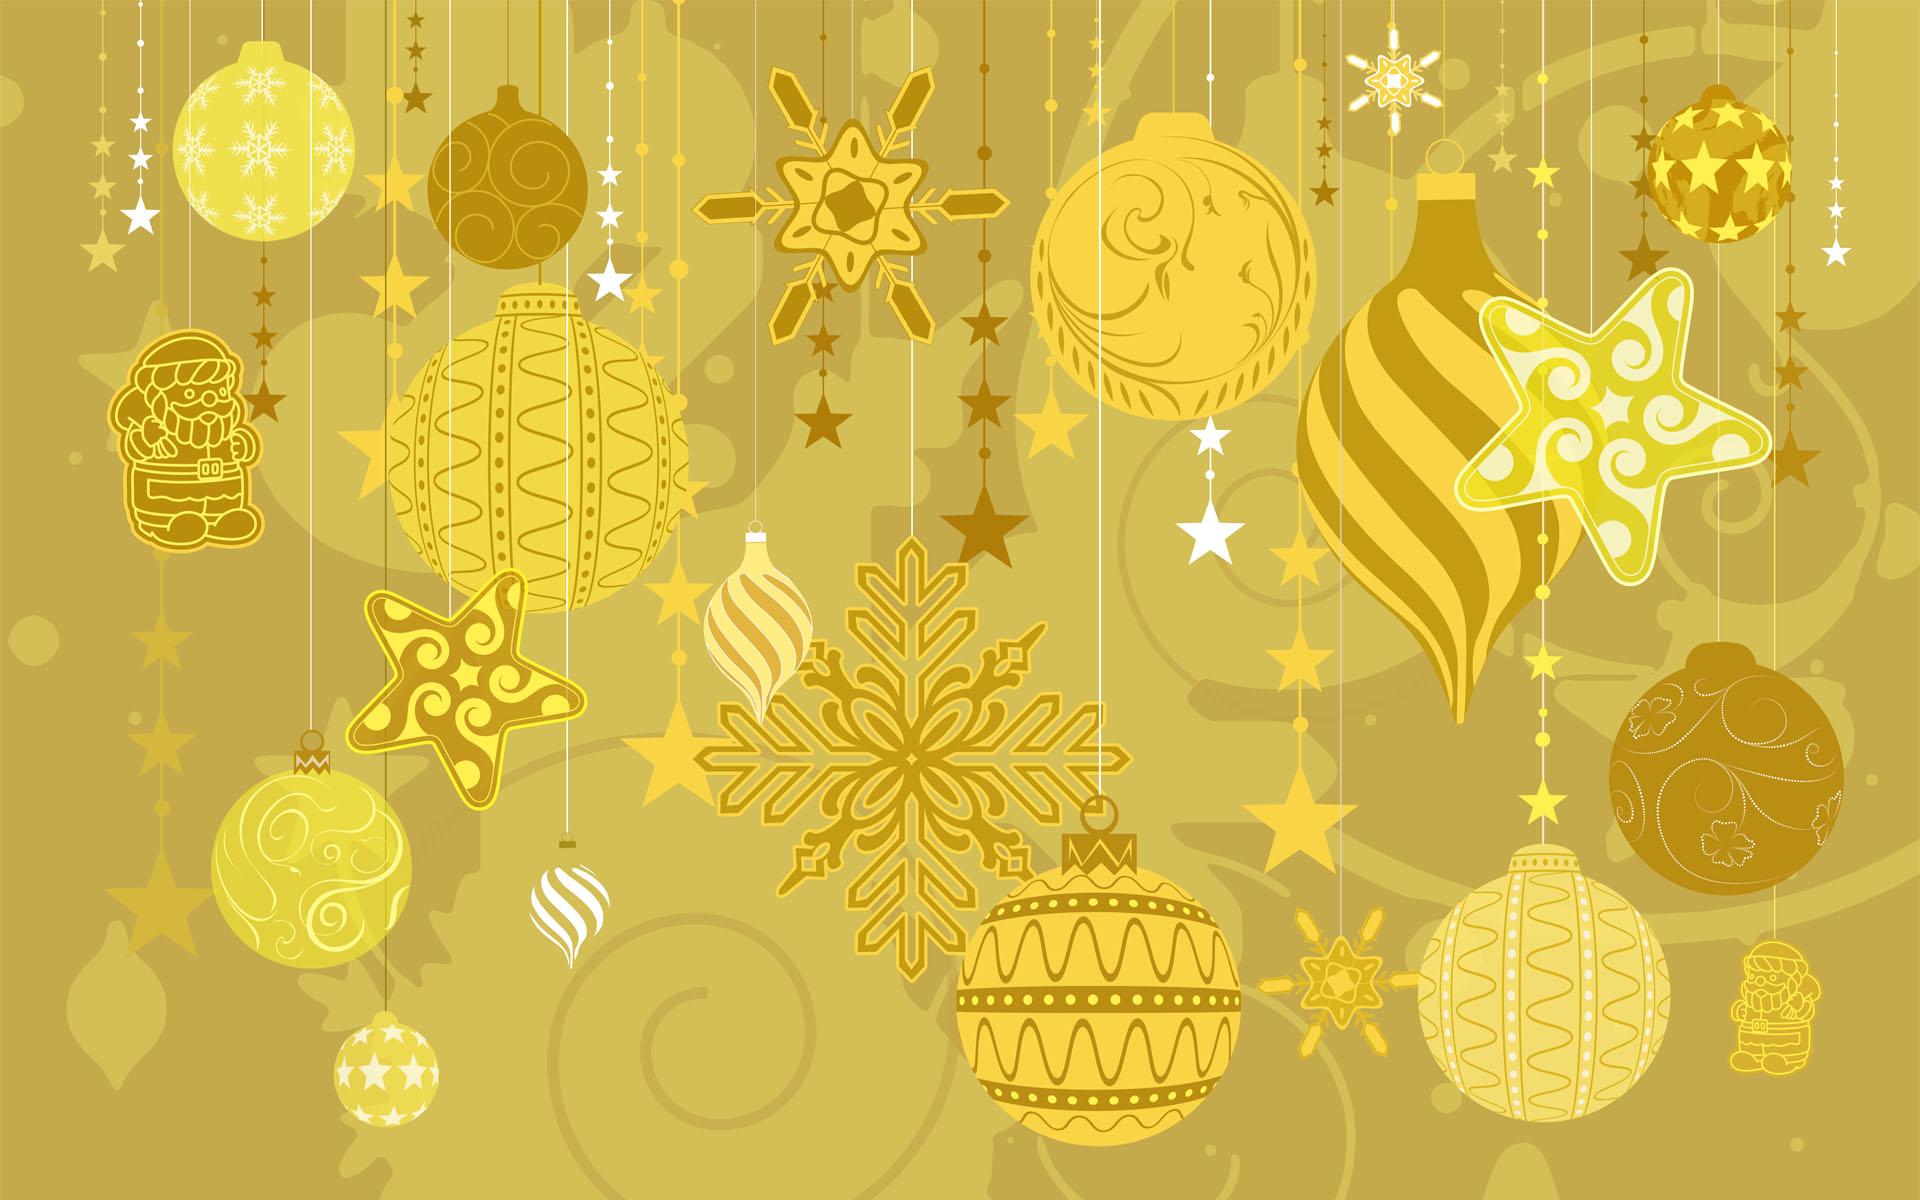 Fondo dorado con tema de navidad - 1920x1200